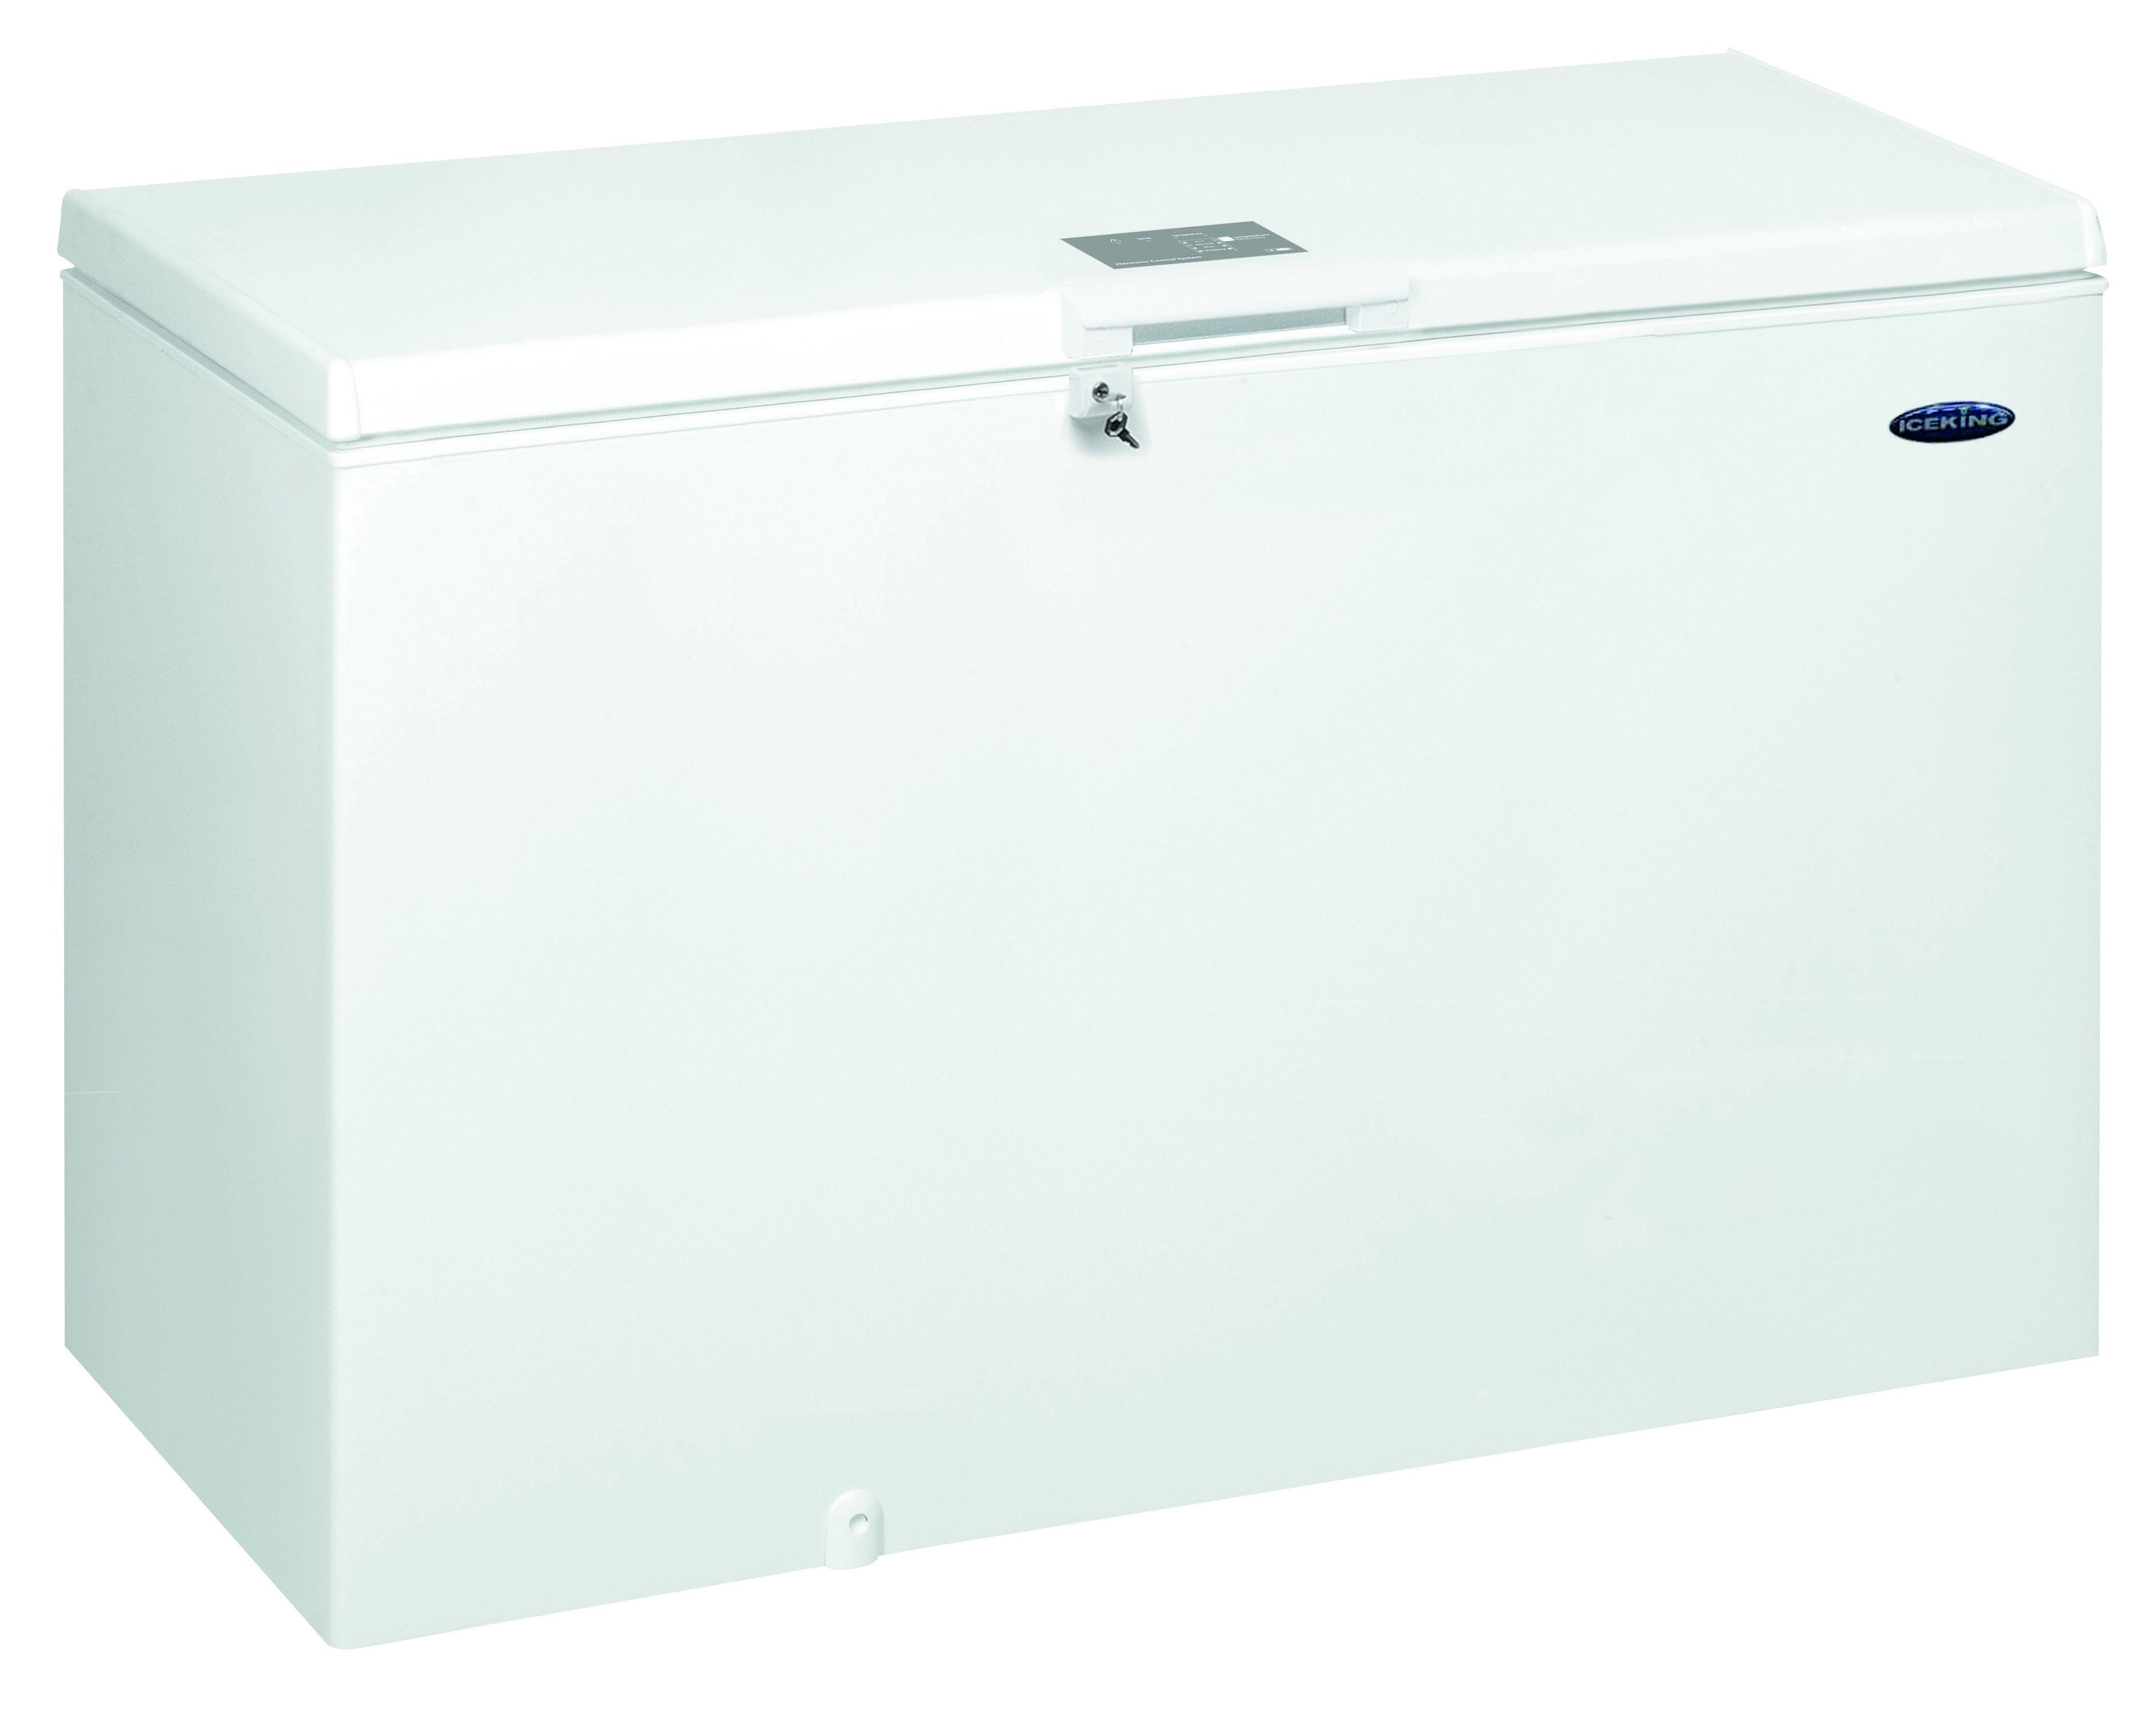 Iceking CF432W Freezer